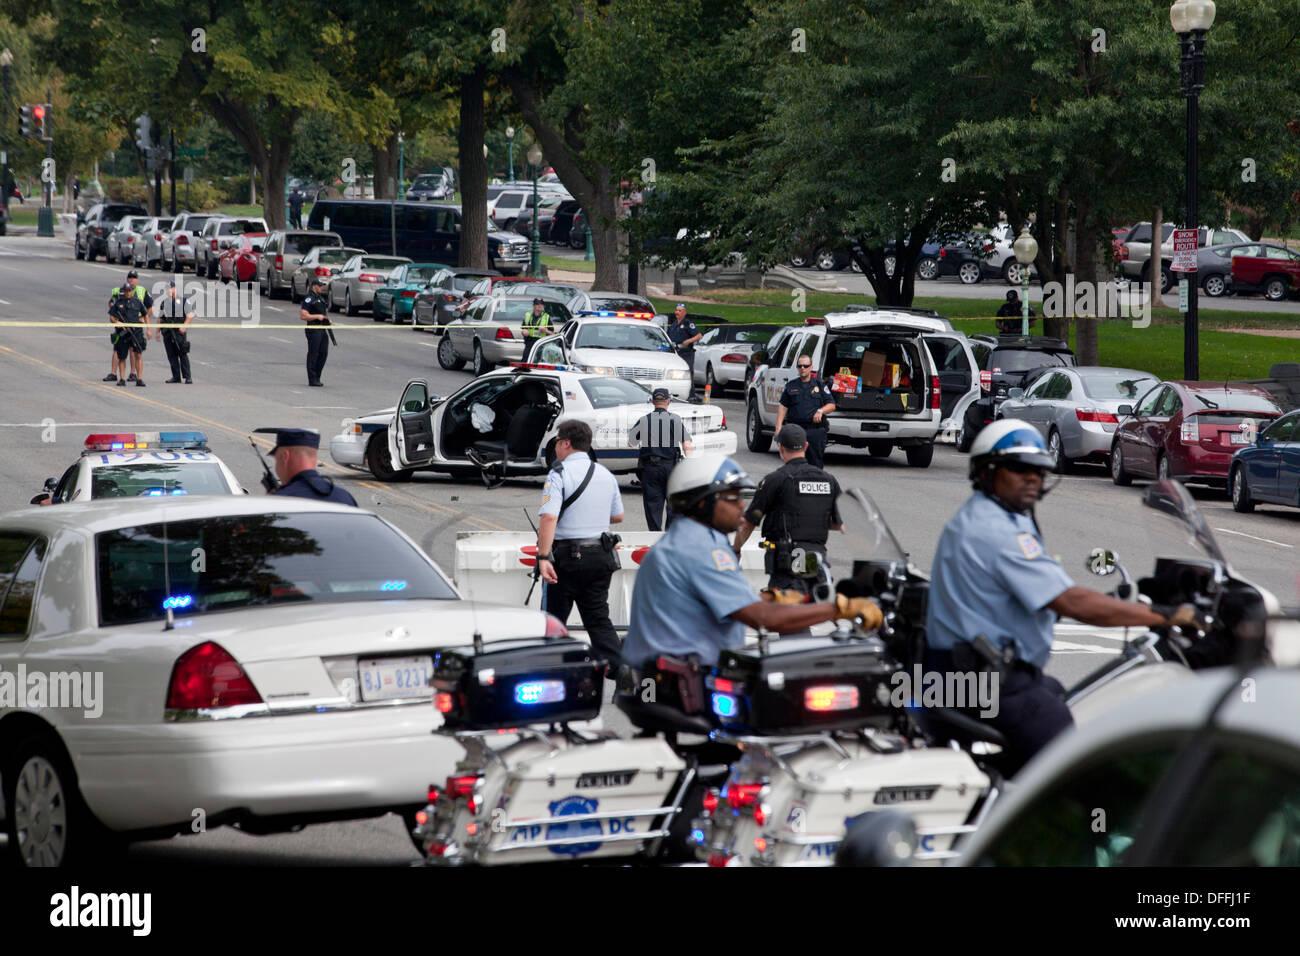 Washington, DC, USA. 3e oct, 2013: le US Secret Service et Capitol poursuite policière une femme qui a tenté de forcer la barrière de sécurité à la Maison Blanche avec sa voiture. Une poursuite en voiture découle de la Maison Blanche pour le Capitole. La poursuite se termine dans un accident, des coups de feu sont tirés par la Police du Capitole. La femme pilote est morts confirmés, un policier Capitol est blessé. © B Christopher/Alamy Live News Photo Stock